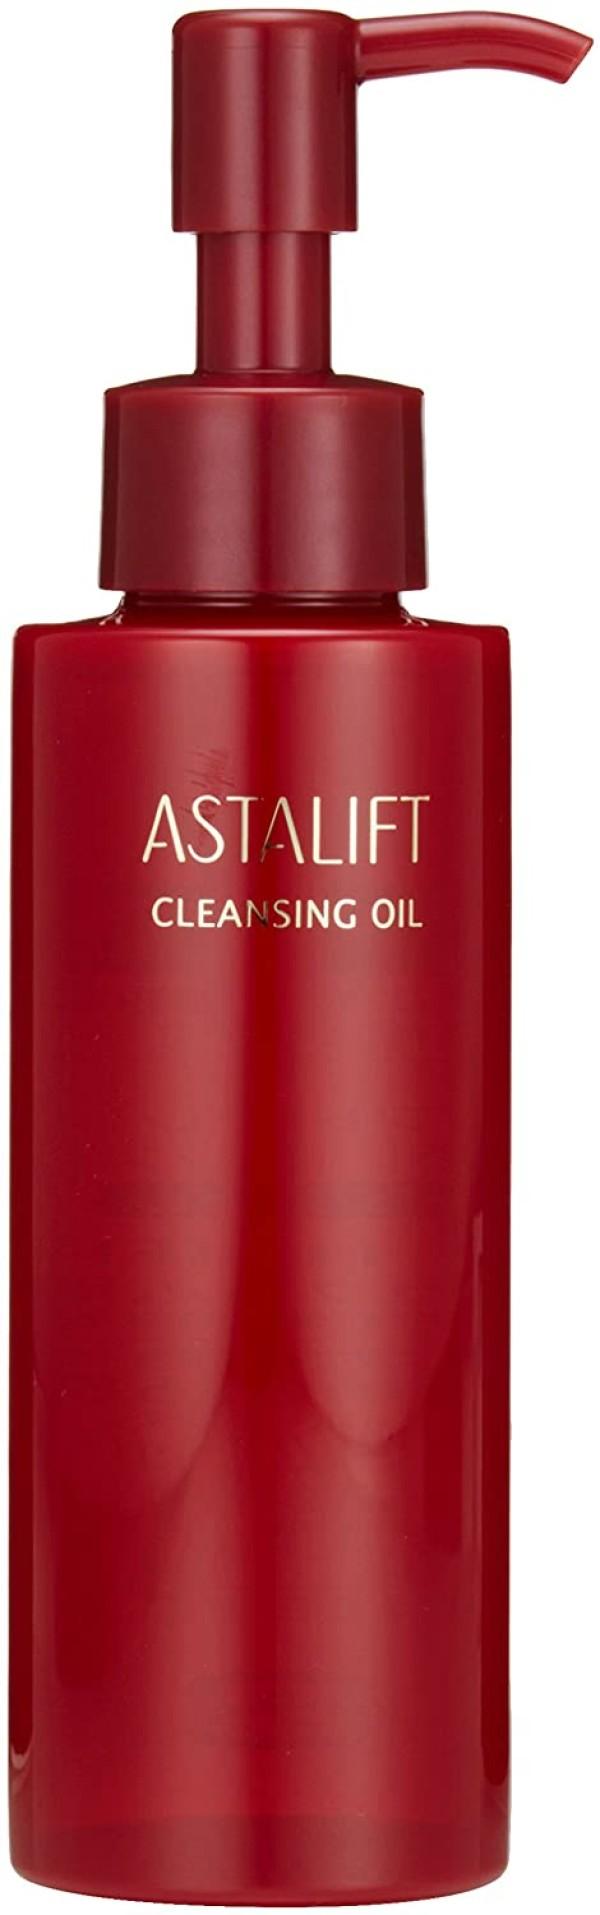 Гидрофильное масло Astalift Cleansing Oil для снятия макияжа